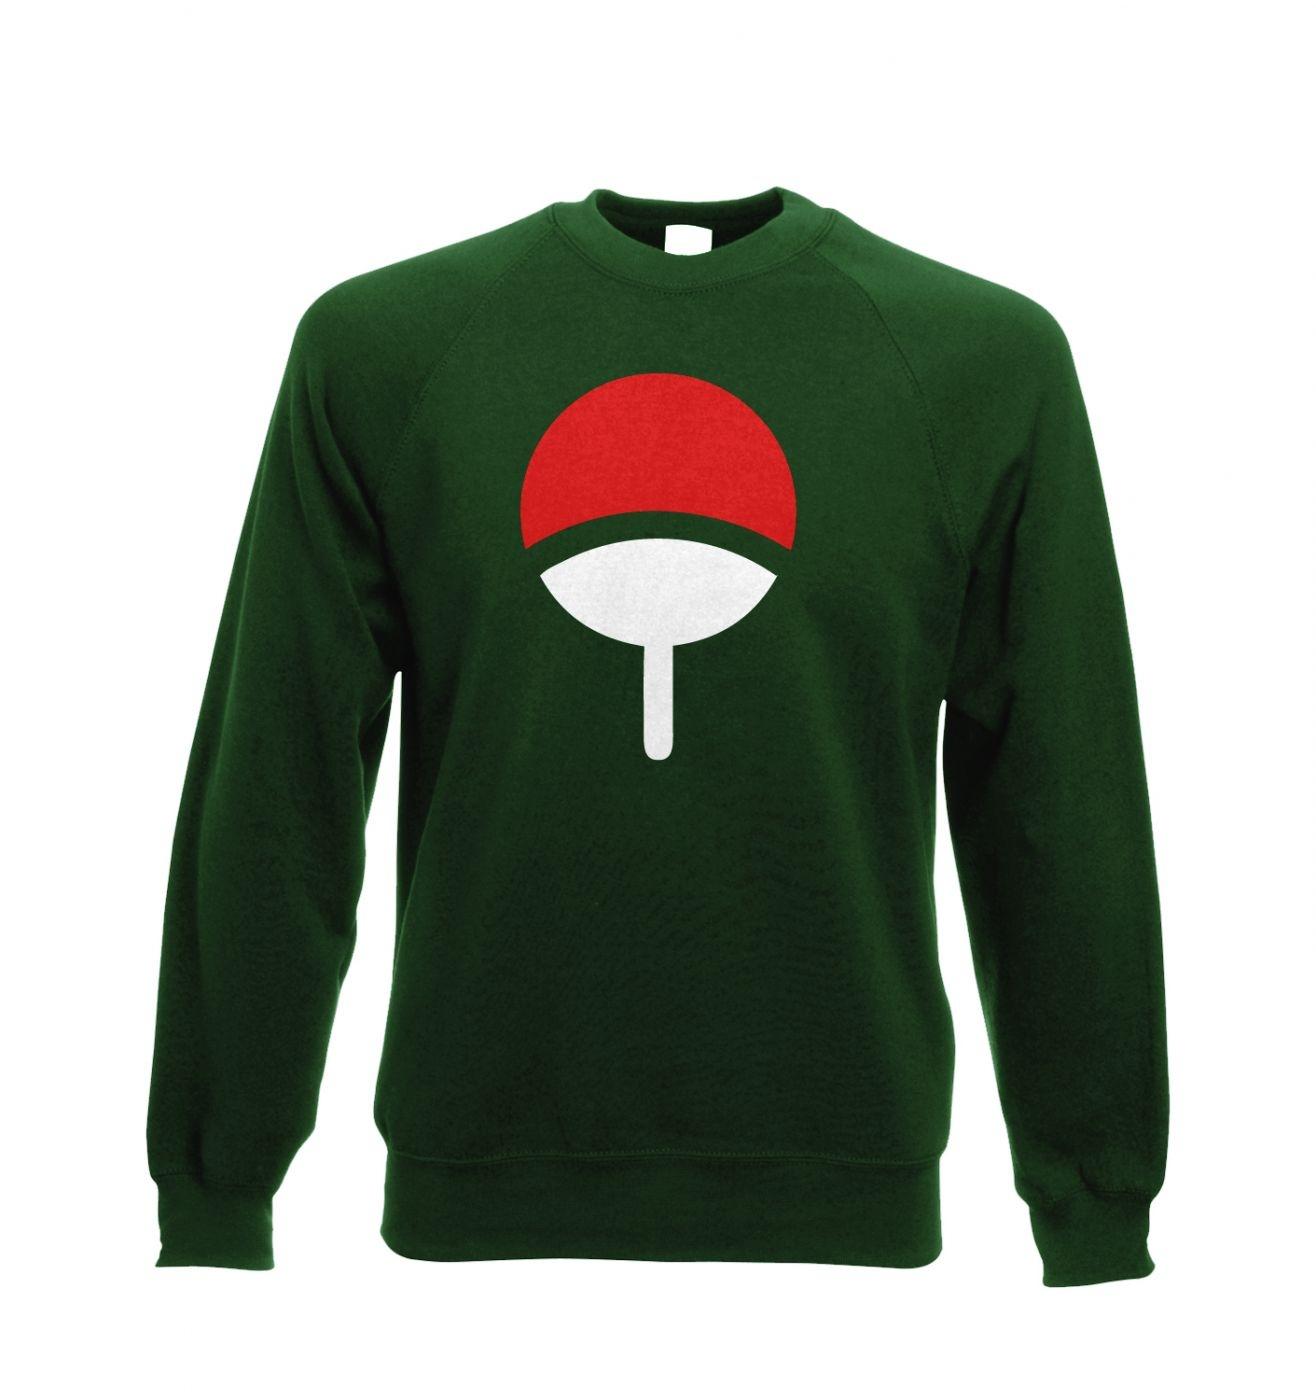 Uchiha Family Adult Crewneck Sweatshirt